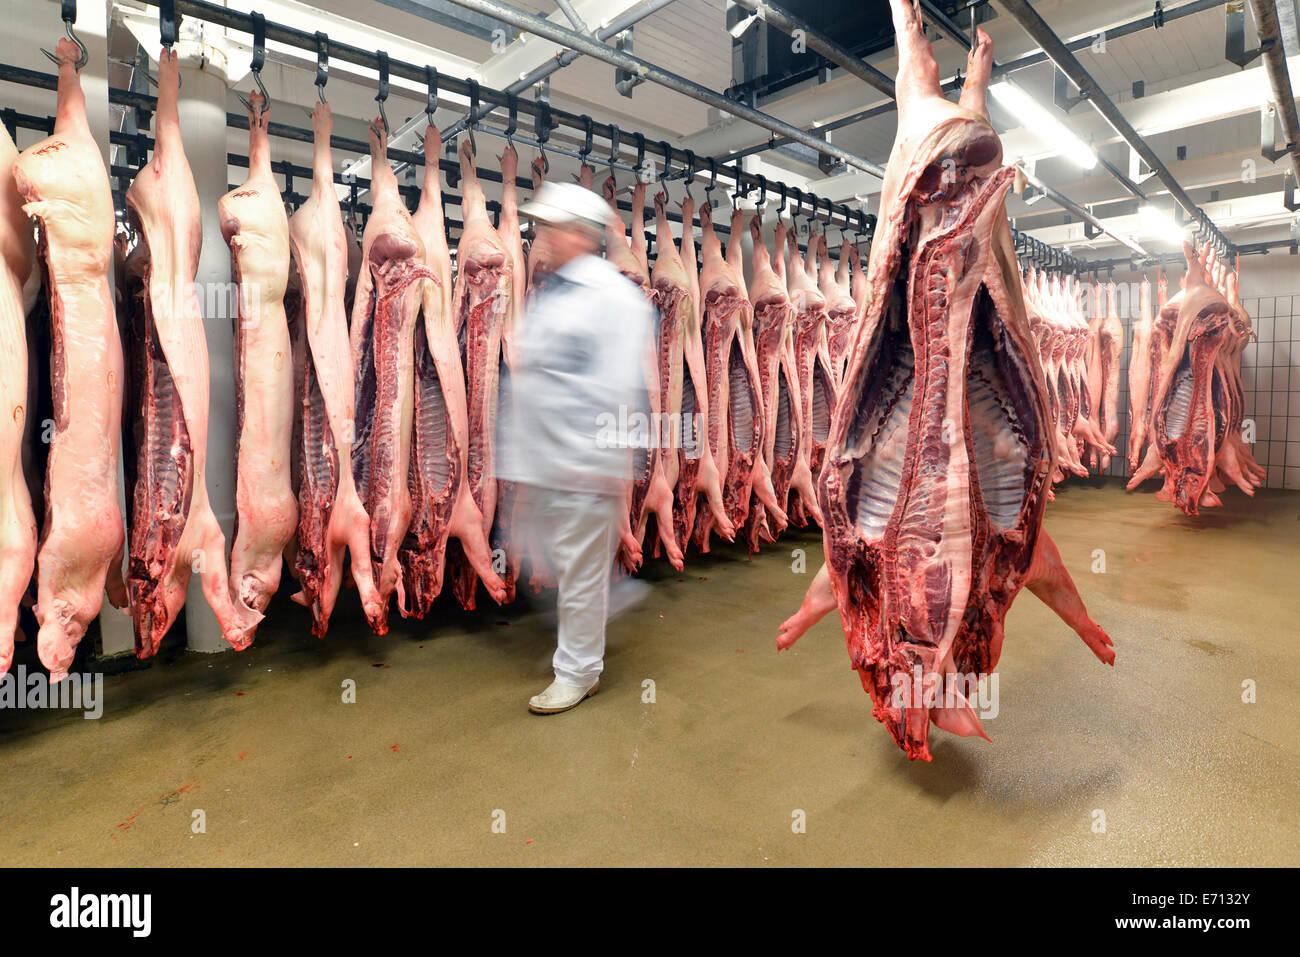 Schweinehälften im Kühlhaus eines Schlachthofs Stockbild